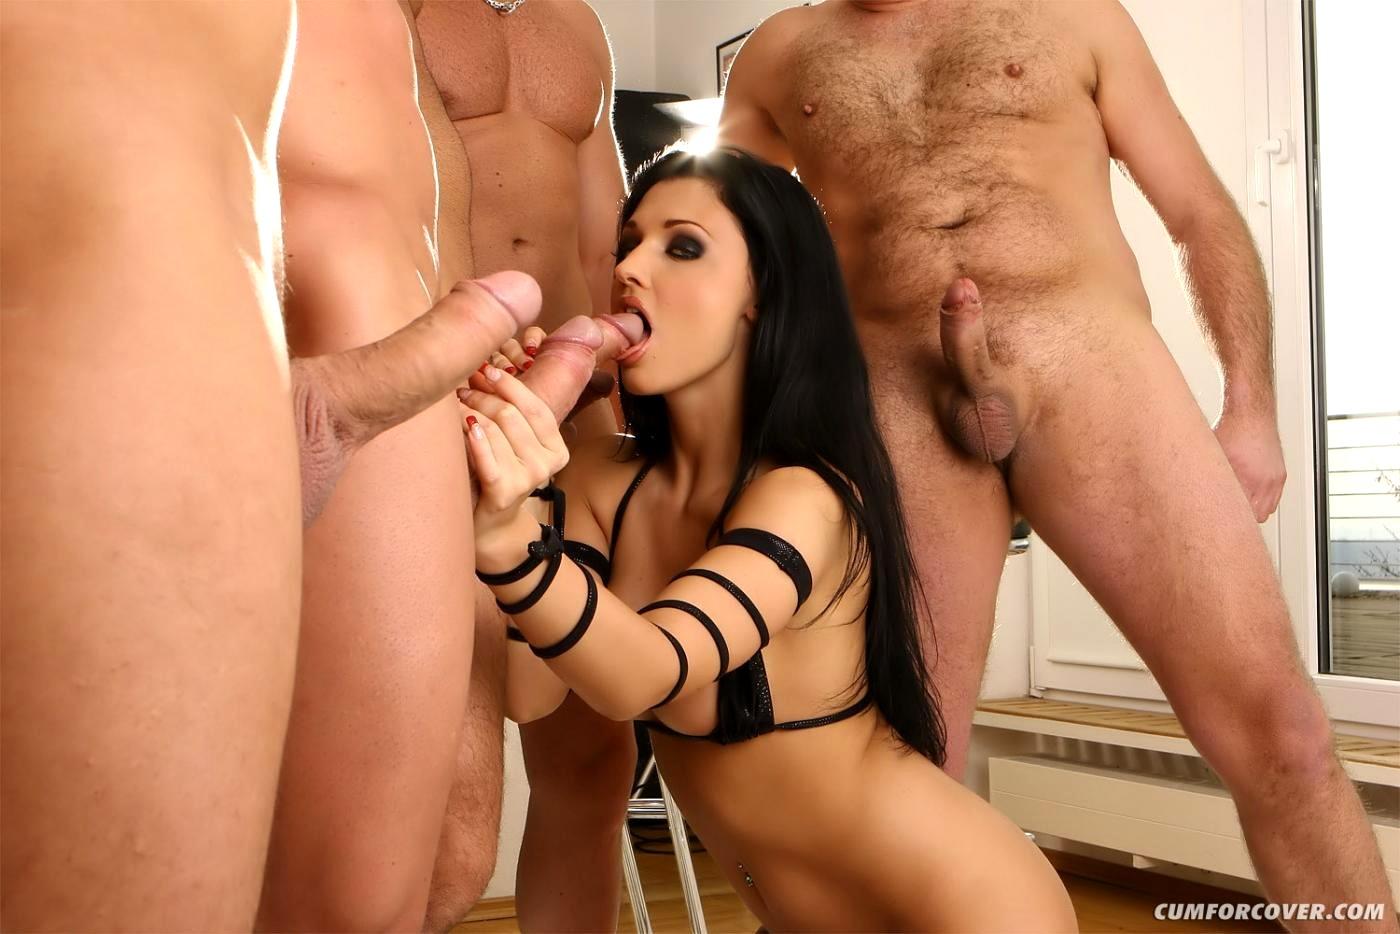 Порно сексуальная брюнетка принимает несколько членов